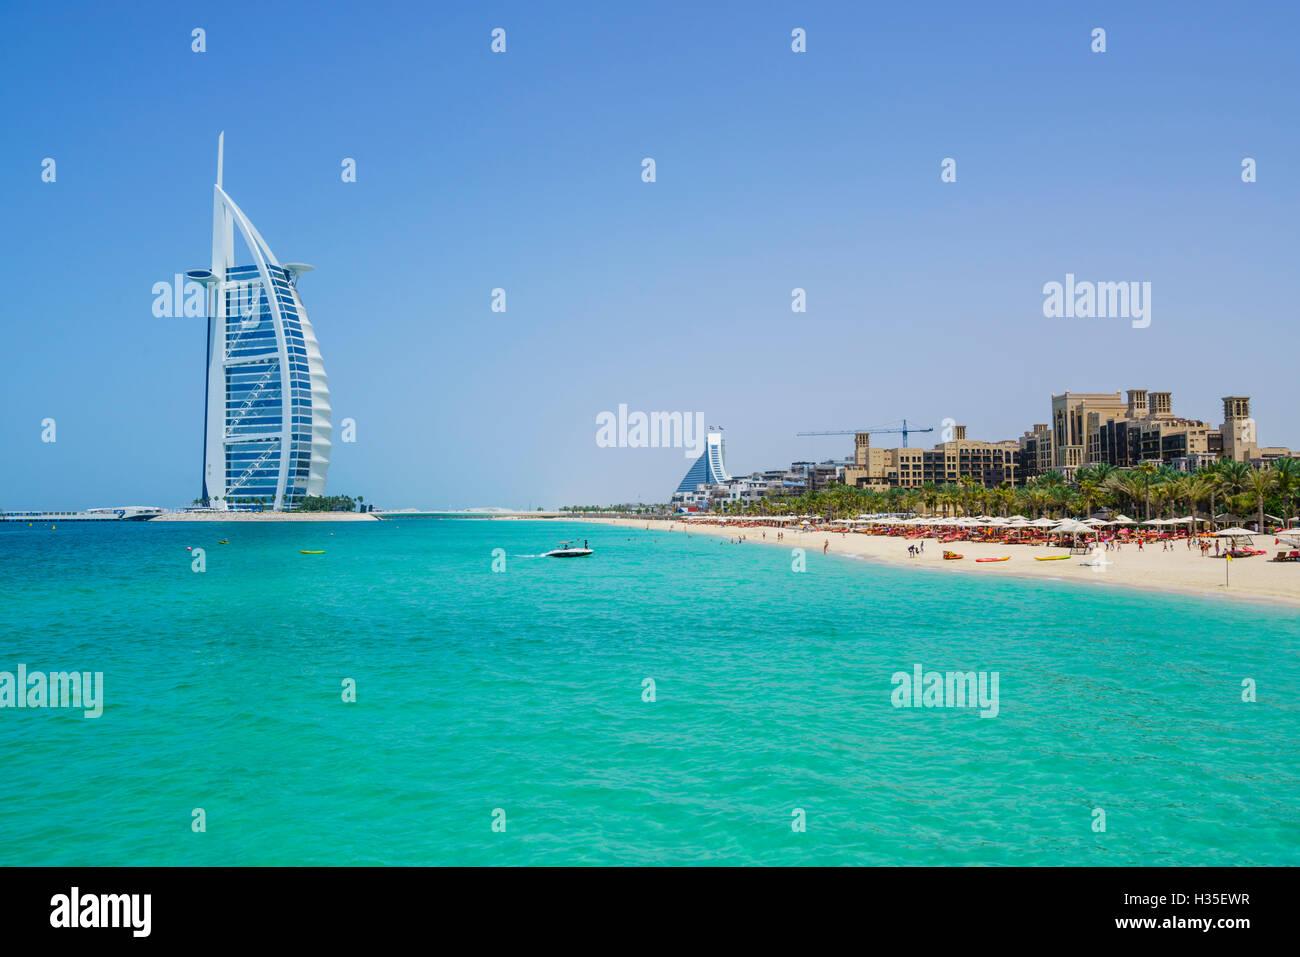 Burj Al Arab, Dubaï emblématique monument, la plage de Jumeirah, Dubai, Émirats arabes unis, Moyen Photo Stock